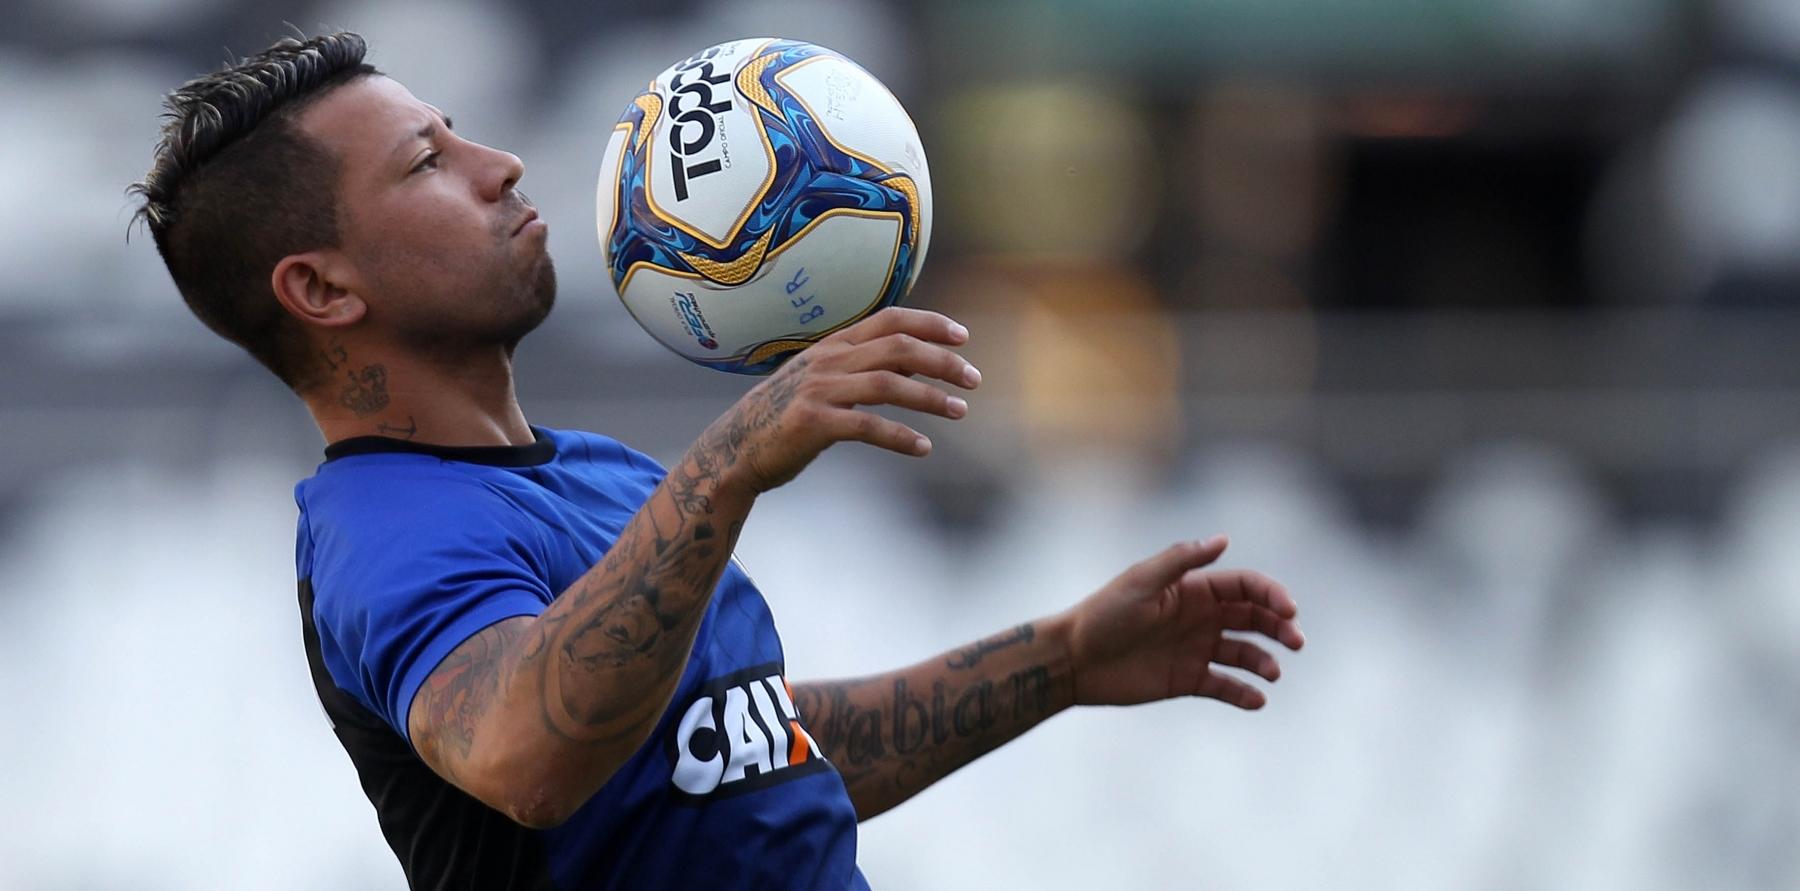 Futebol - Botafogo de Futebol e Regatas d8d05f5fad2b7